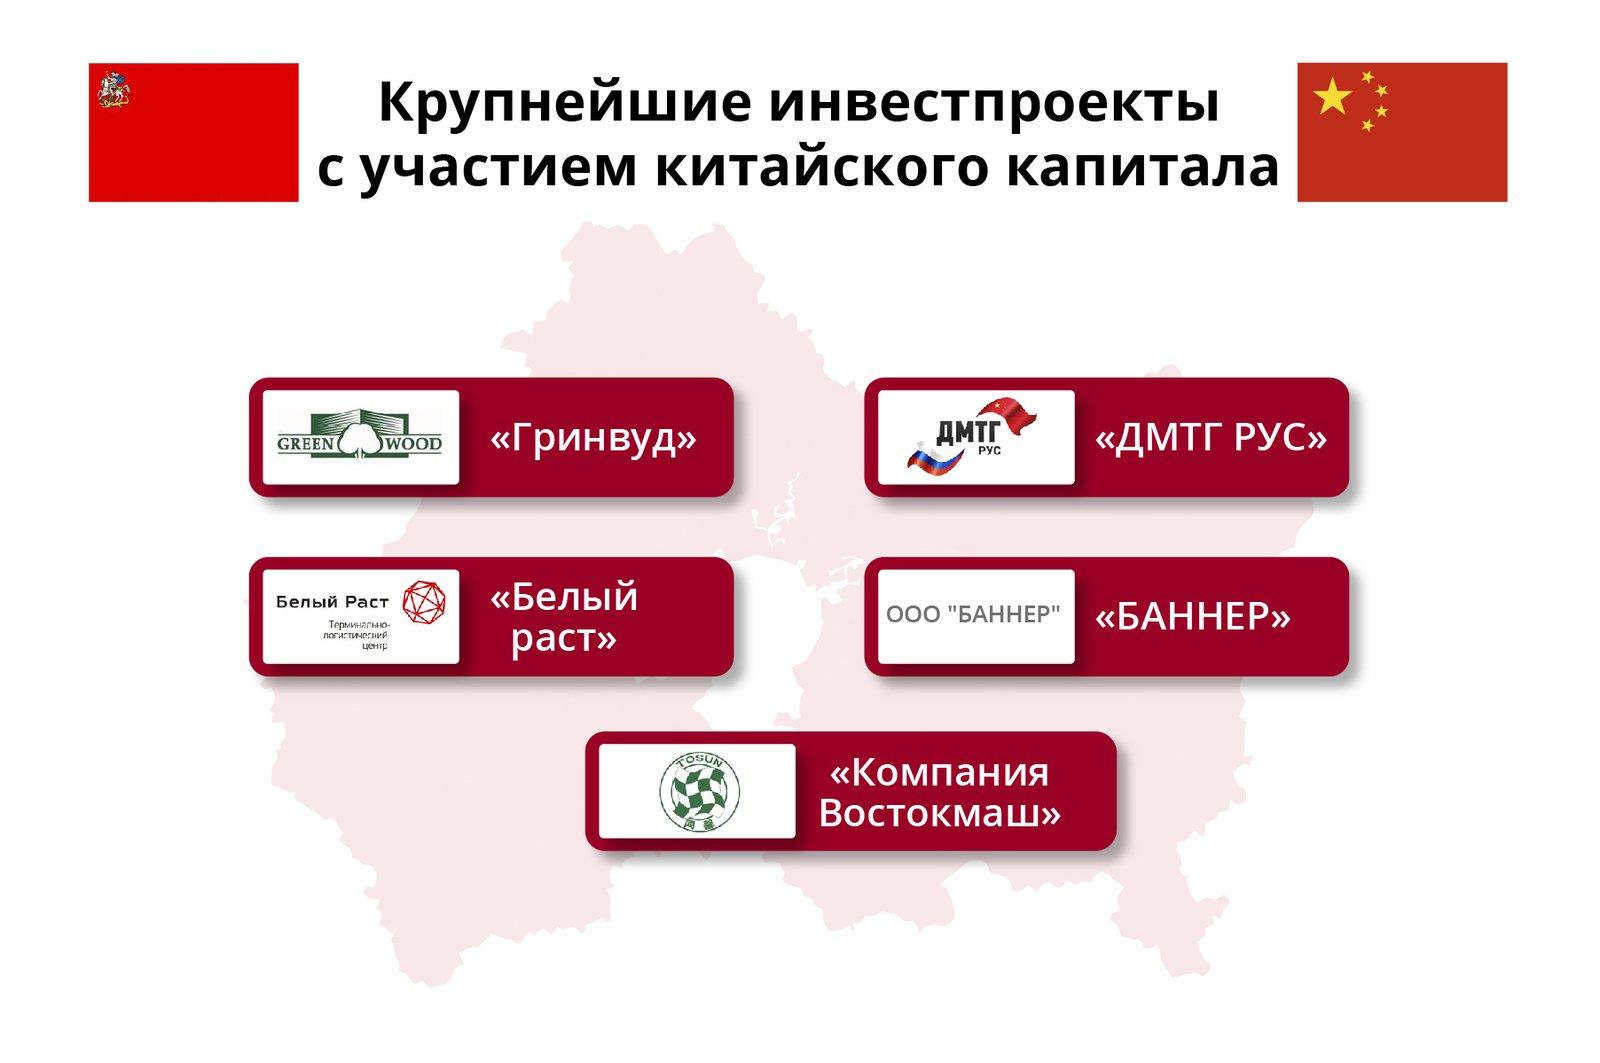 Андрей Воробьев губернатор московской области - Международный бренд: как сотрудничают Московская область и КНР